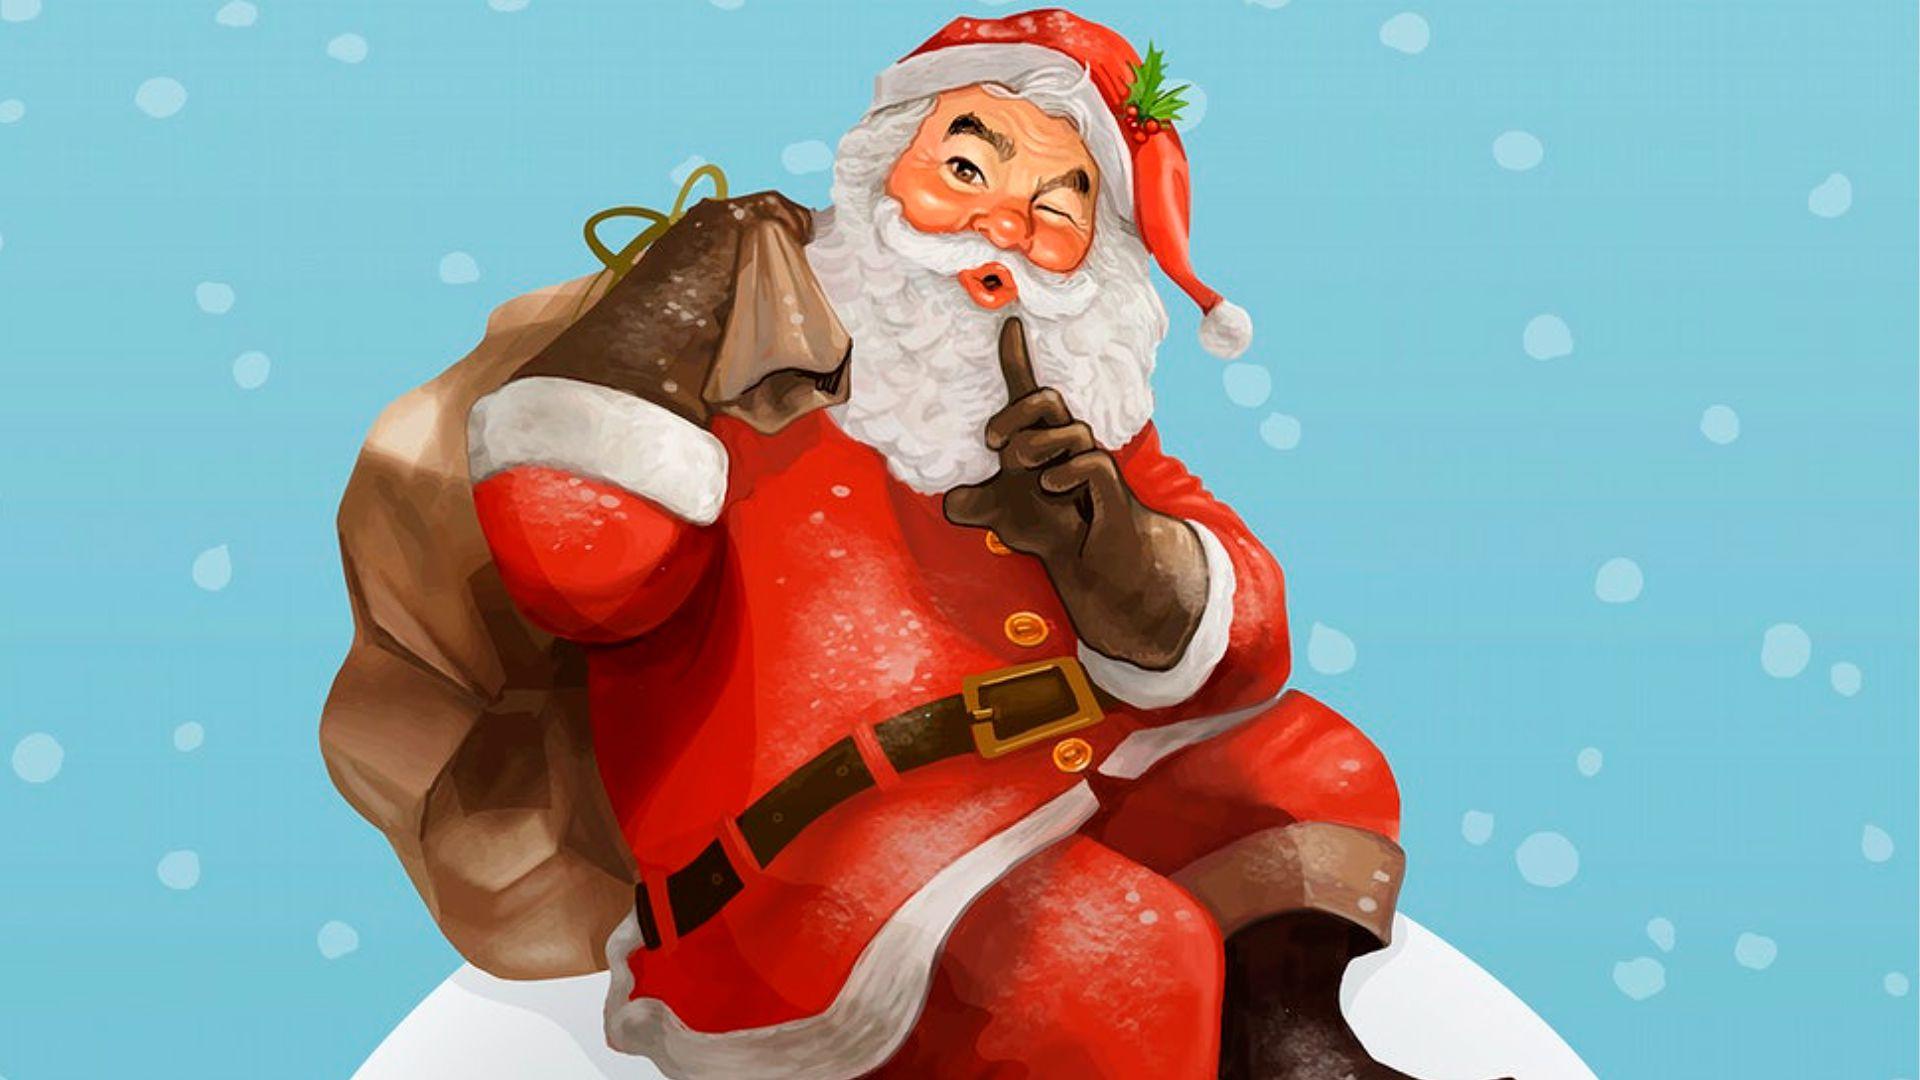 Drawing of Santa Clause winking.